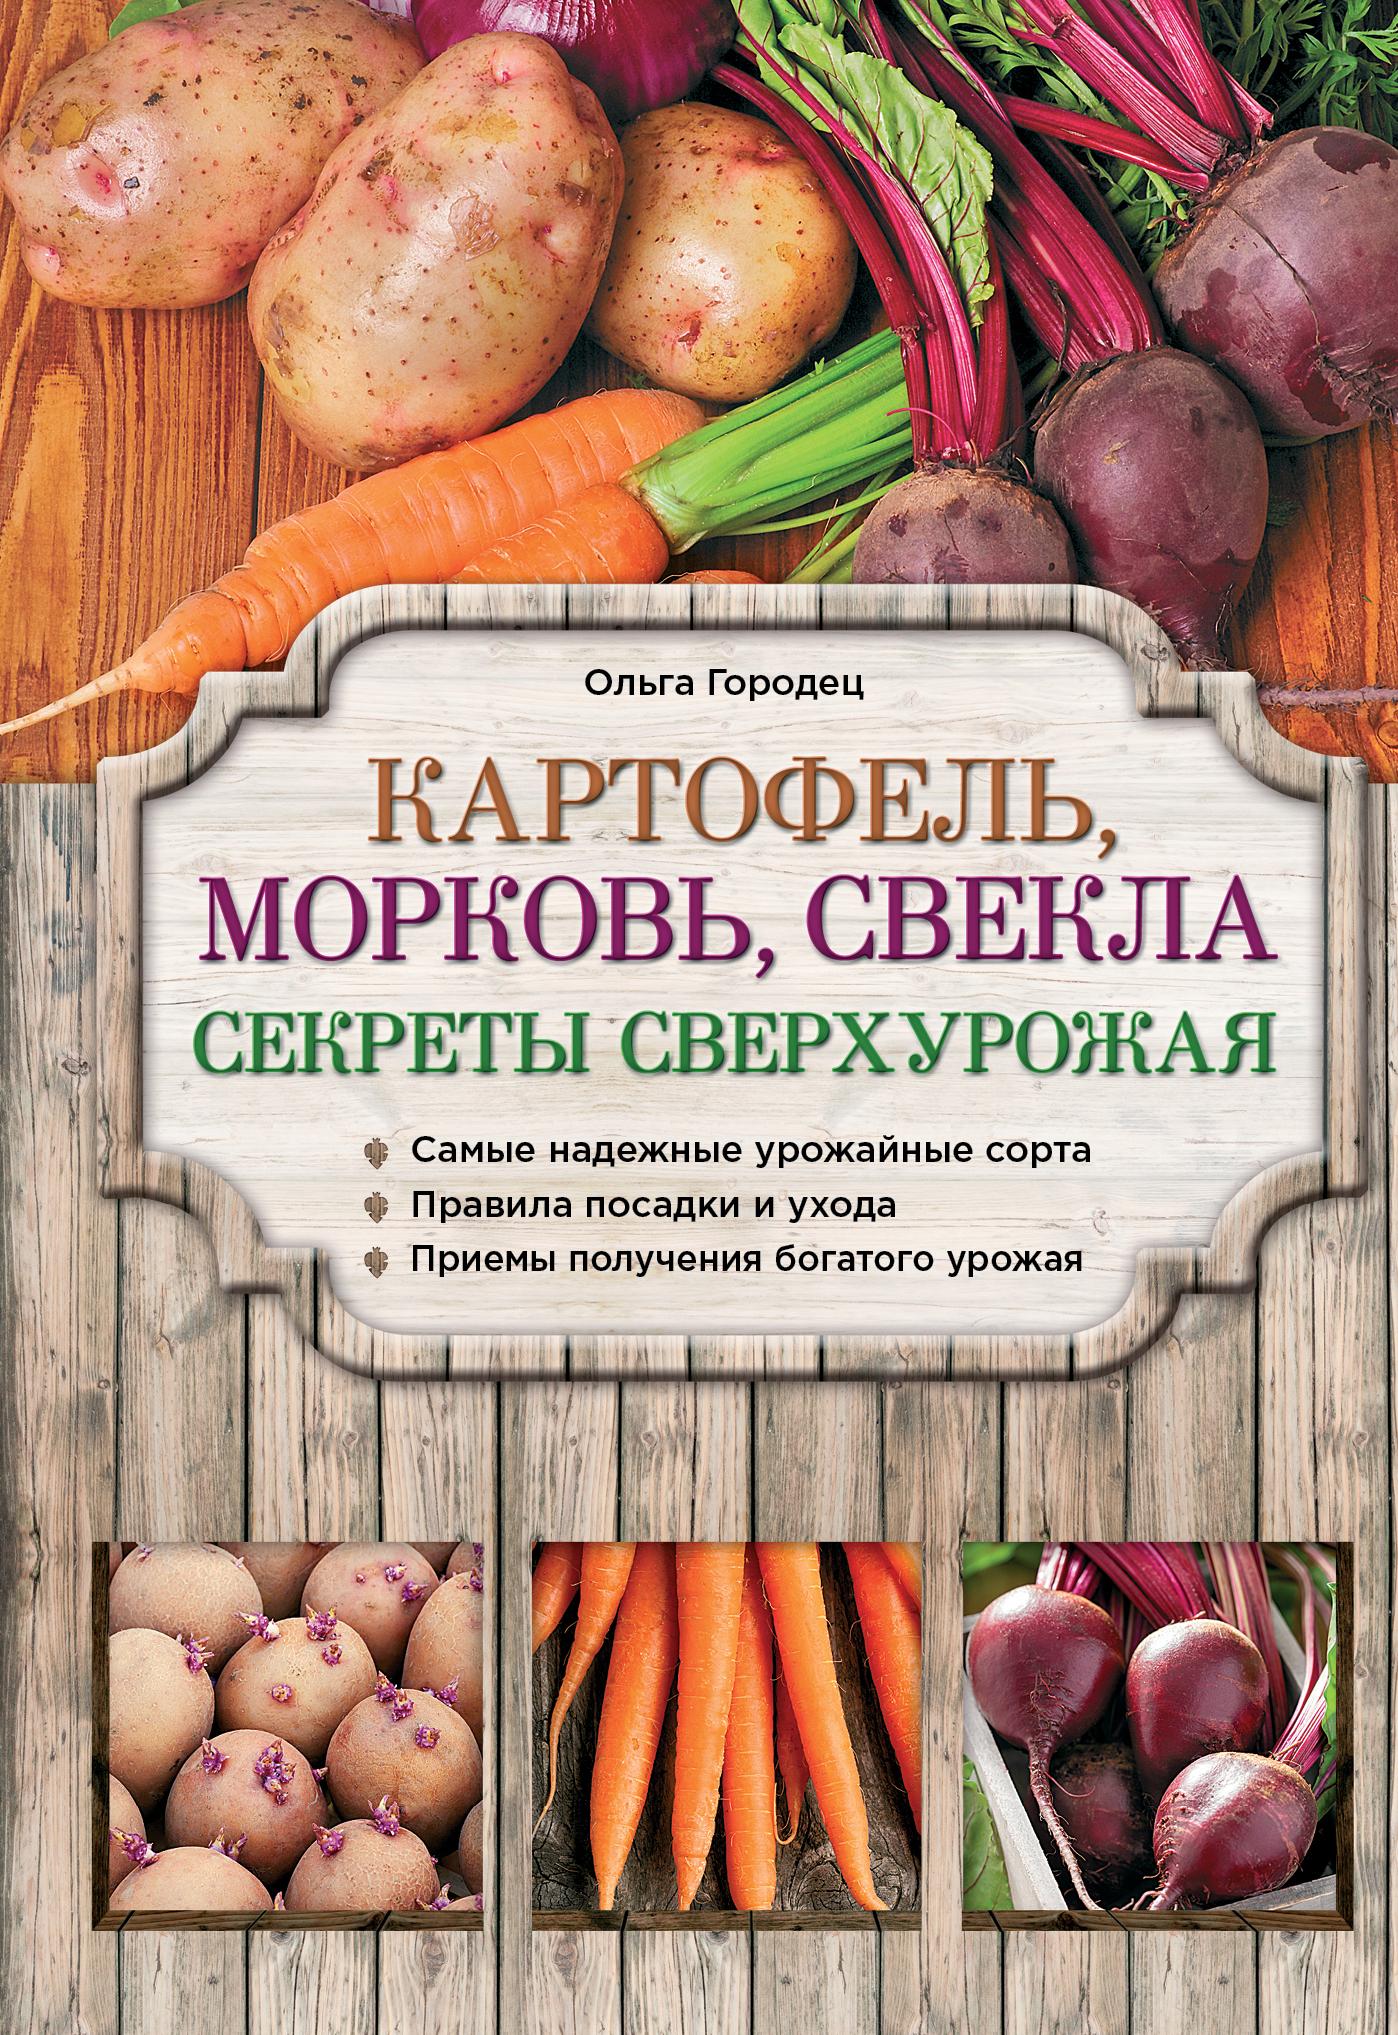 Городец О.В. Картофель, морковь, свекла. Секреты сверхурожая анна белякова картофель морковь свекла